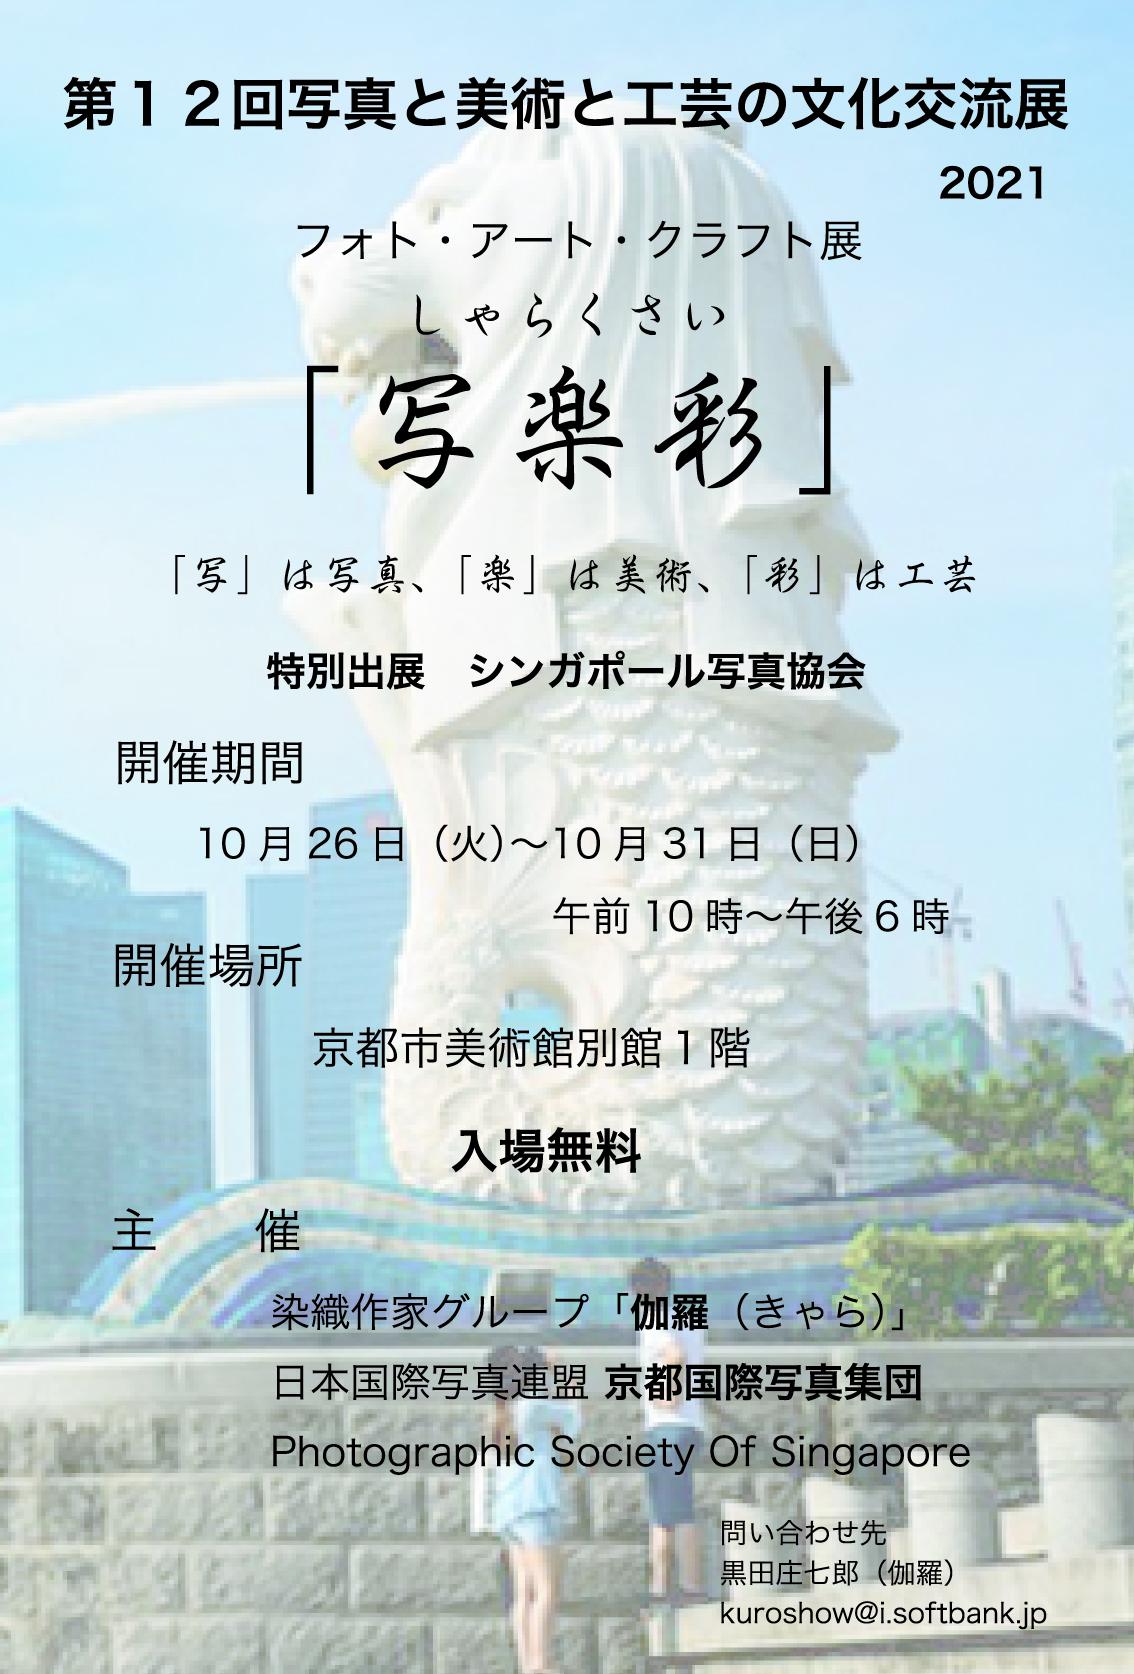 第12回「写楽彩」~写真・美術・工芸の文化交流展~(フォト・アート・クラフト展)